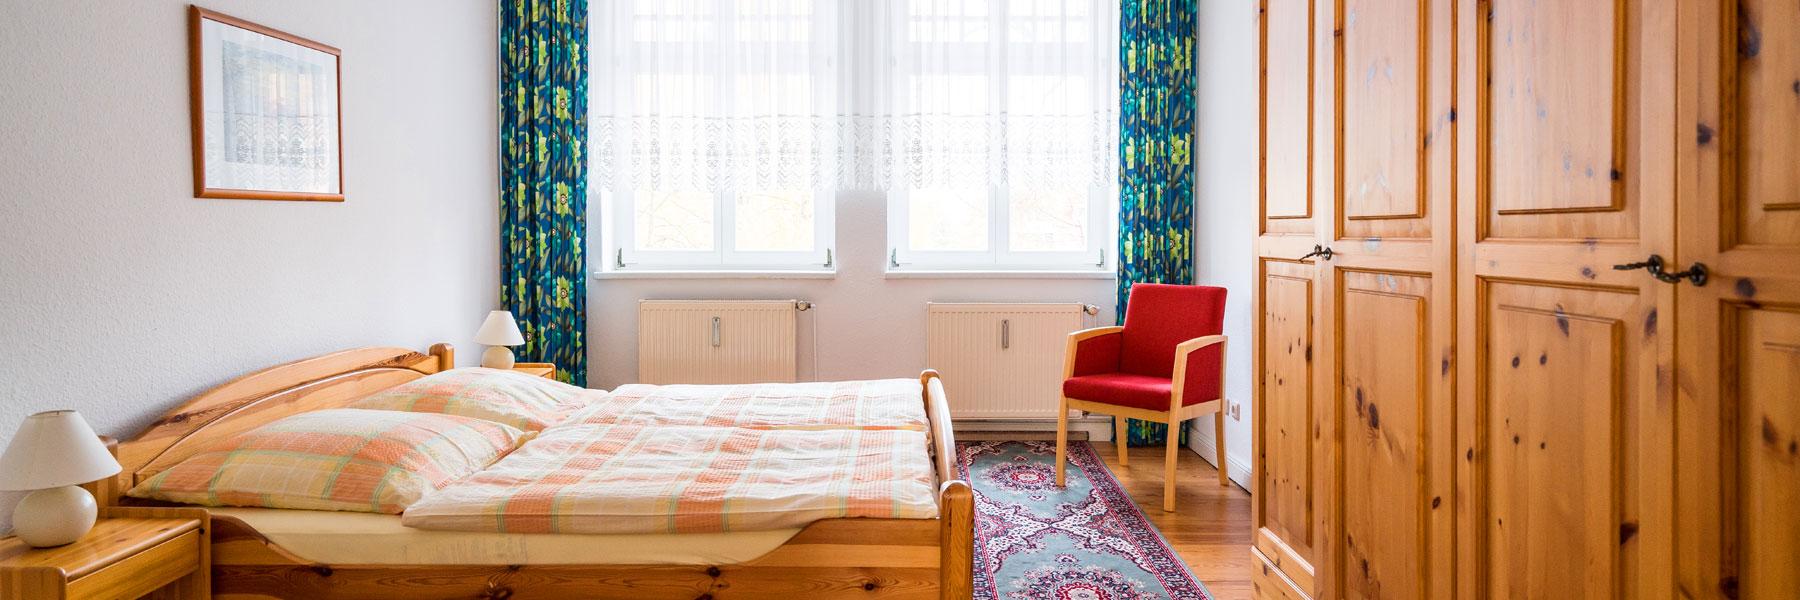 Schlafzimmer mit Doppelbett - Ferienwohnungen Bork